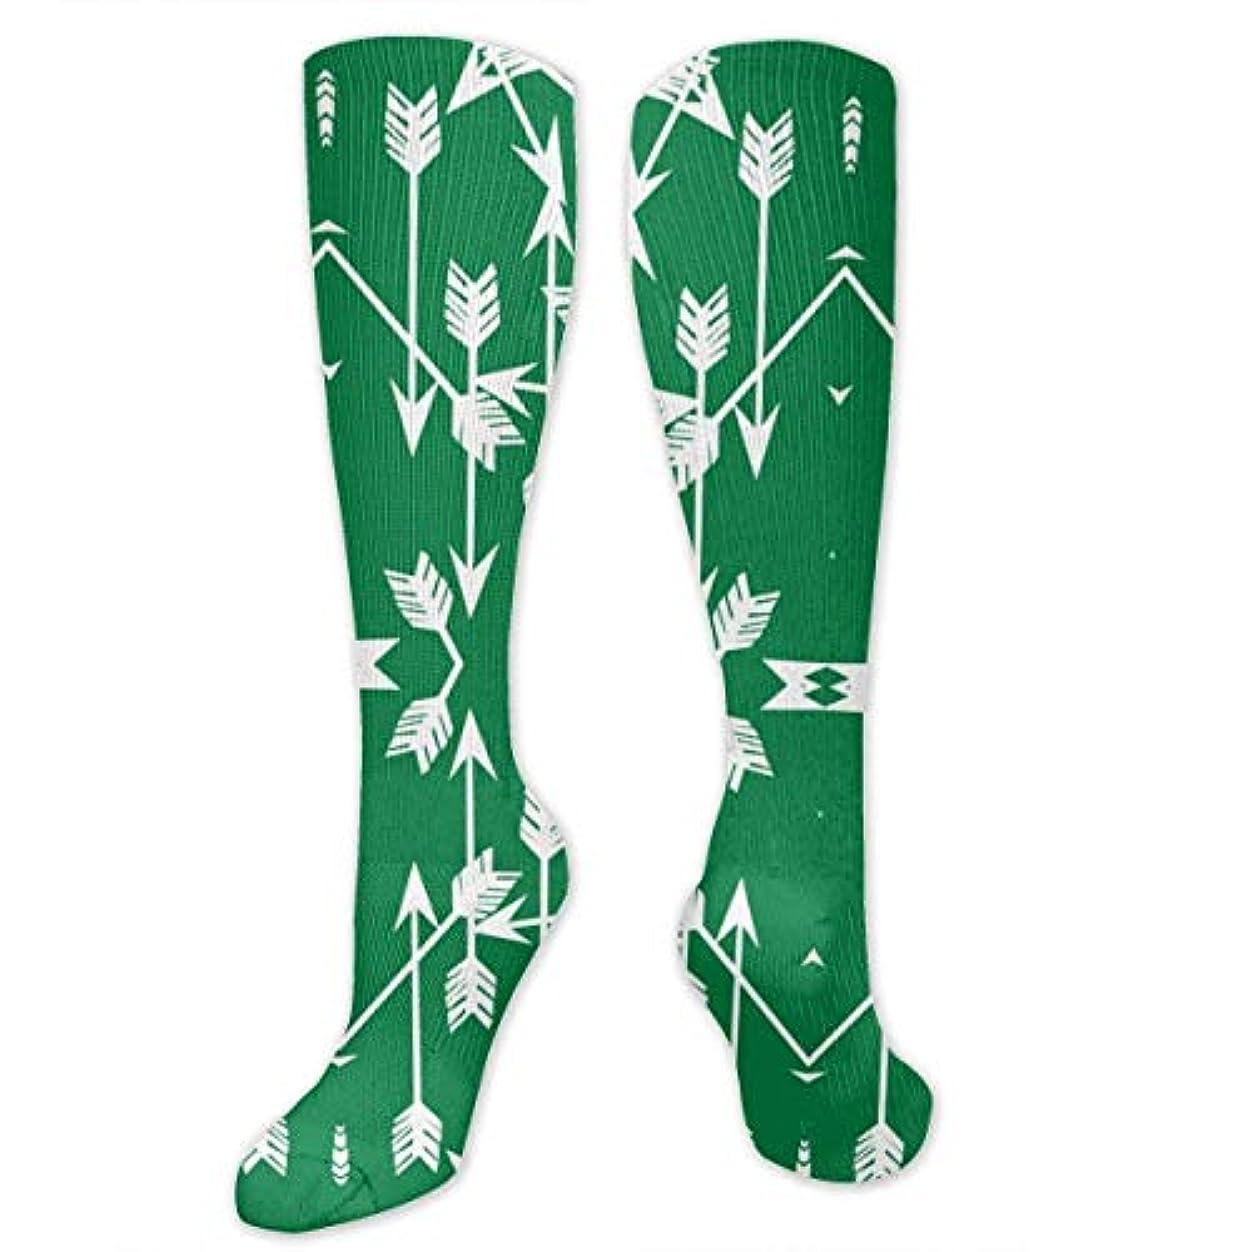 アサート平和逃す靴下,ストッキング,野生のジョーカー,実際,秋の本質,冬必須,サマーウェア&RBXAA Arrow Green Socks Women's Winter Cotton Long Tube Socks Cotton Solid...